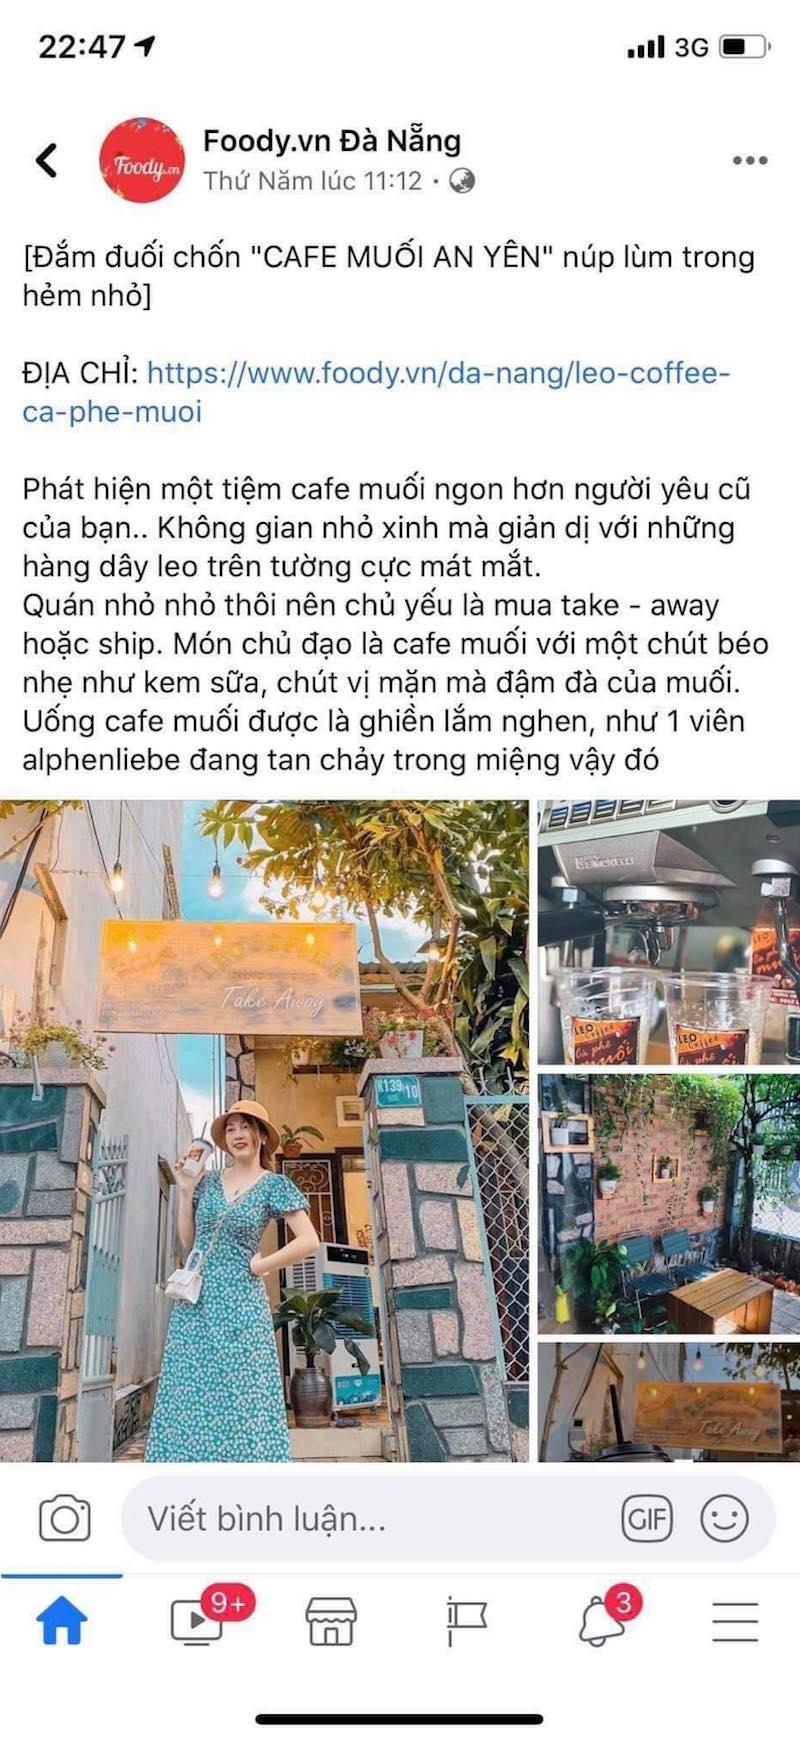 Cô nàng xứ Quảng lấn sang sân kinh doanh mới: Cà phê muối Leo 9